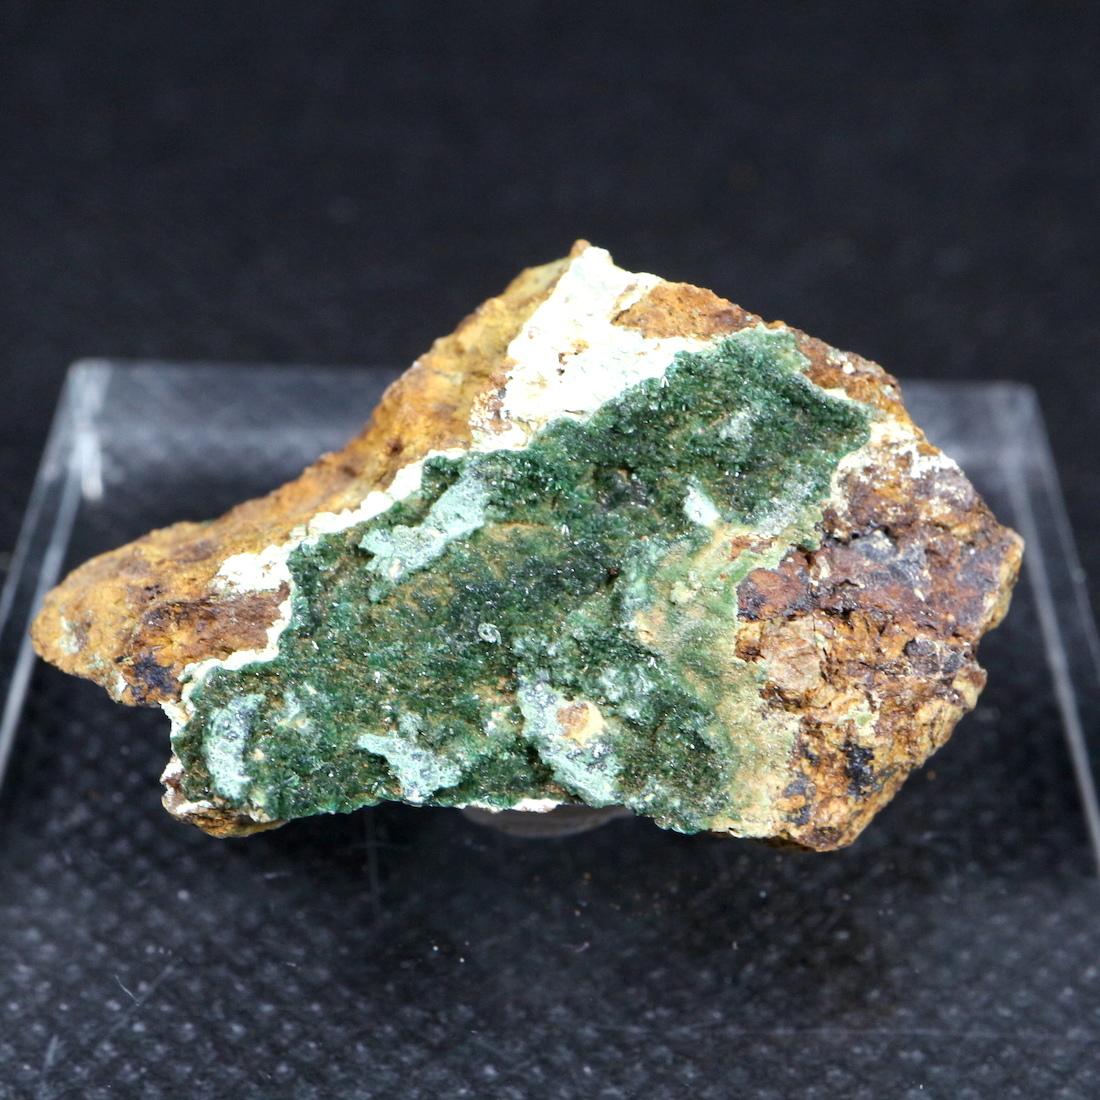 ネバタ州産 燐銅鉱   Libethenite  13,9g LBN003 原石 天然石 鉱物 パワーストーン